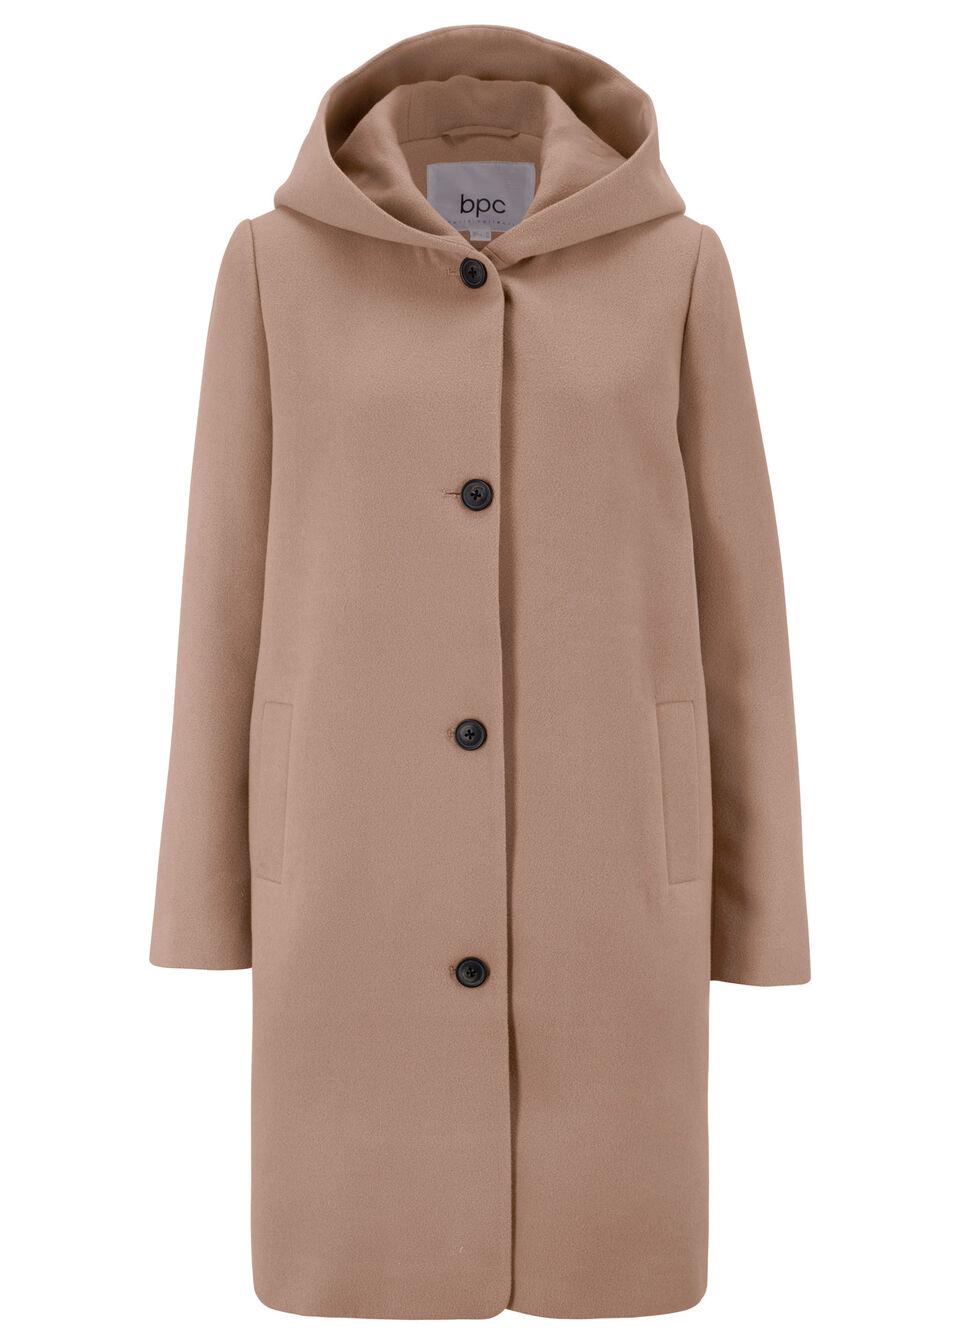 Купить Куртки и плащи, Полупальто с капюшоном, bonprix, серо-коричневый